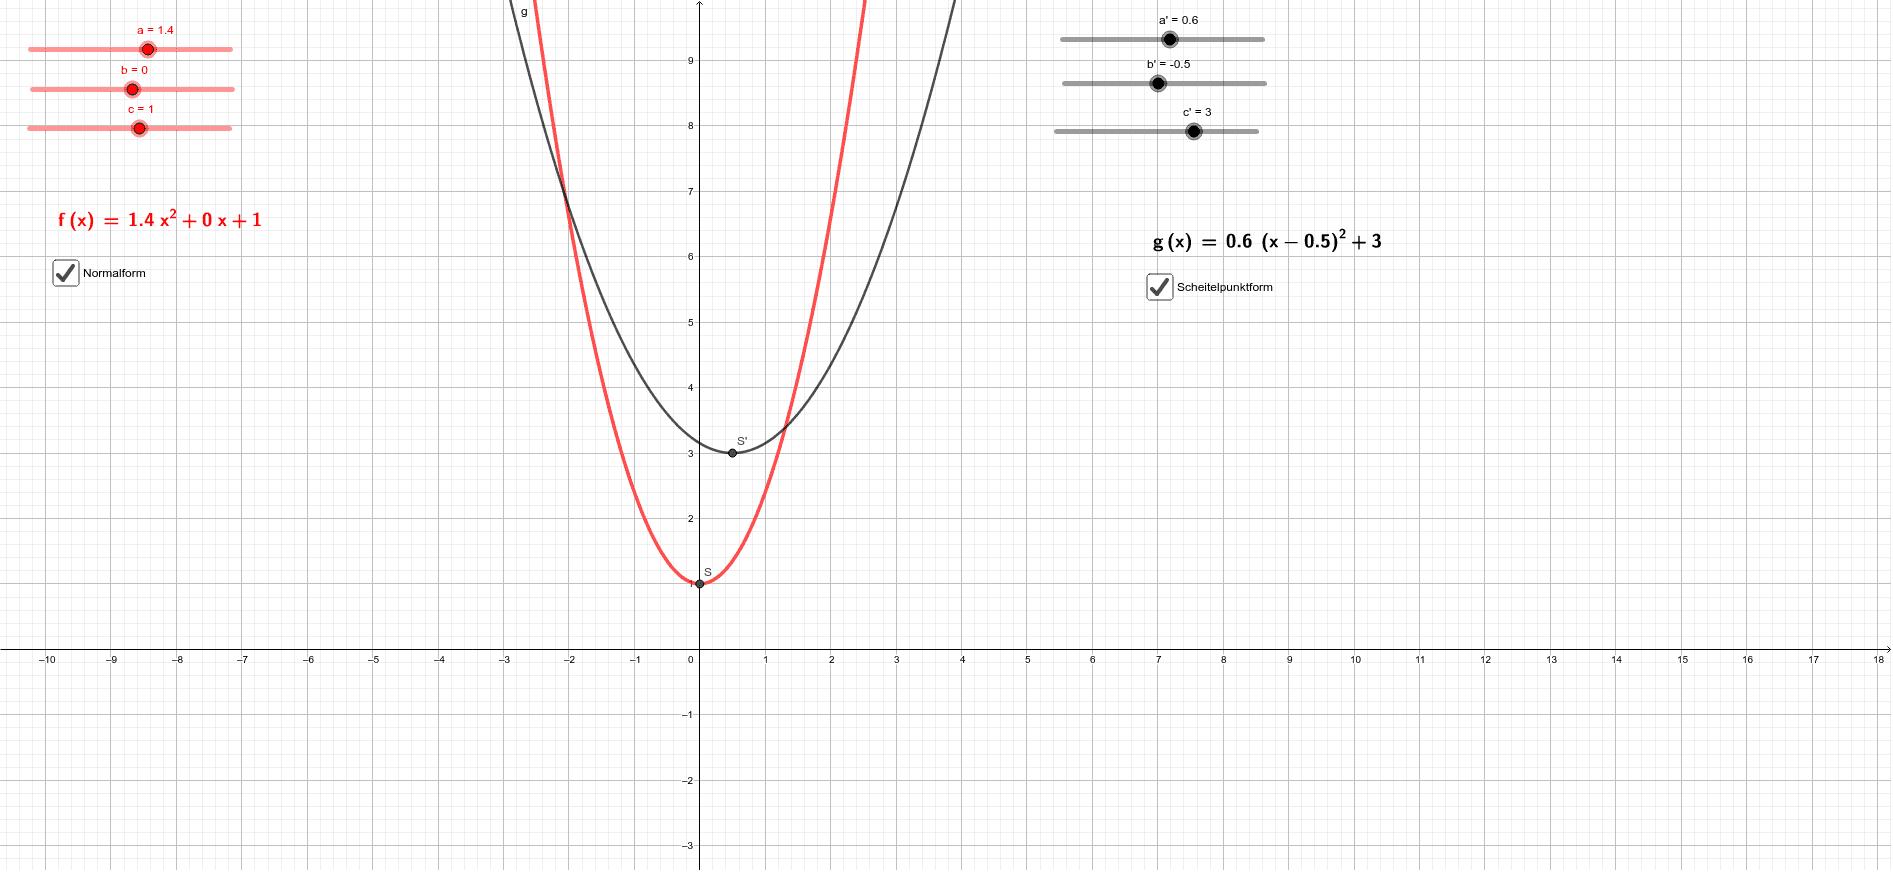 Parametereinfluss bei Normal- und Scheitelpunktform